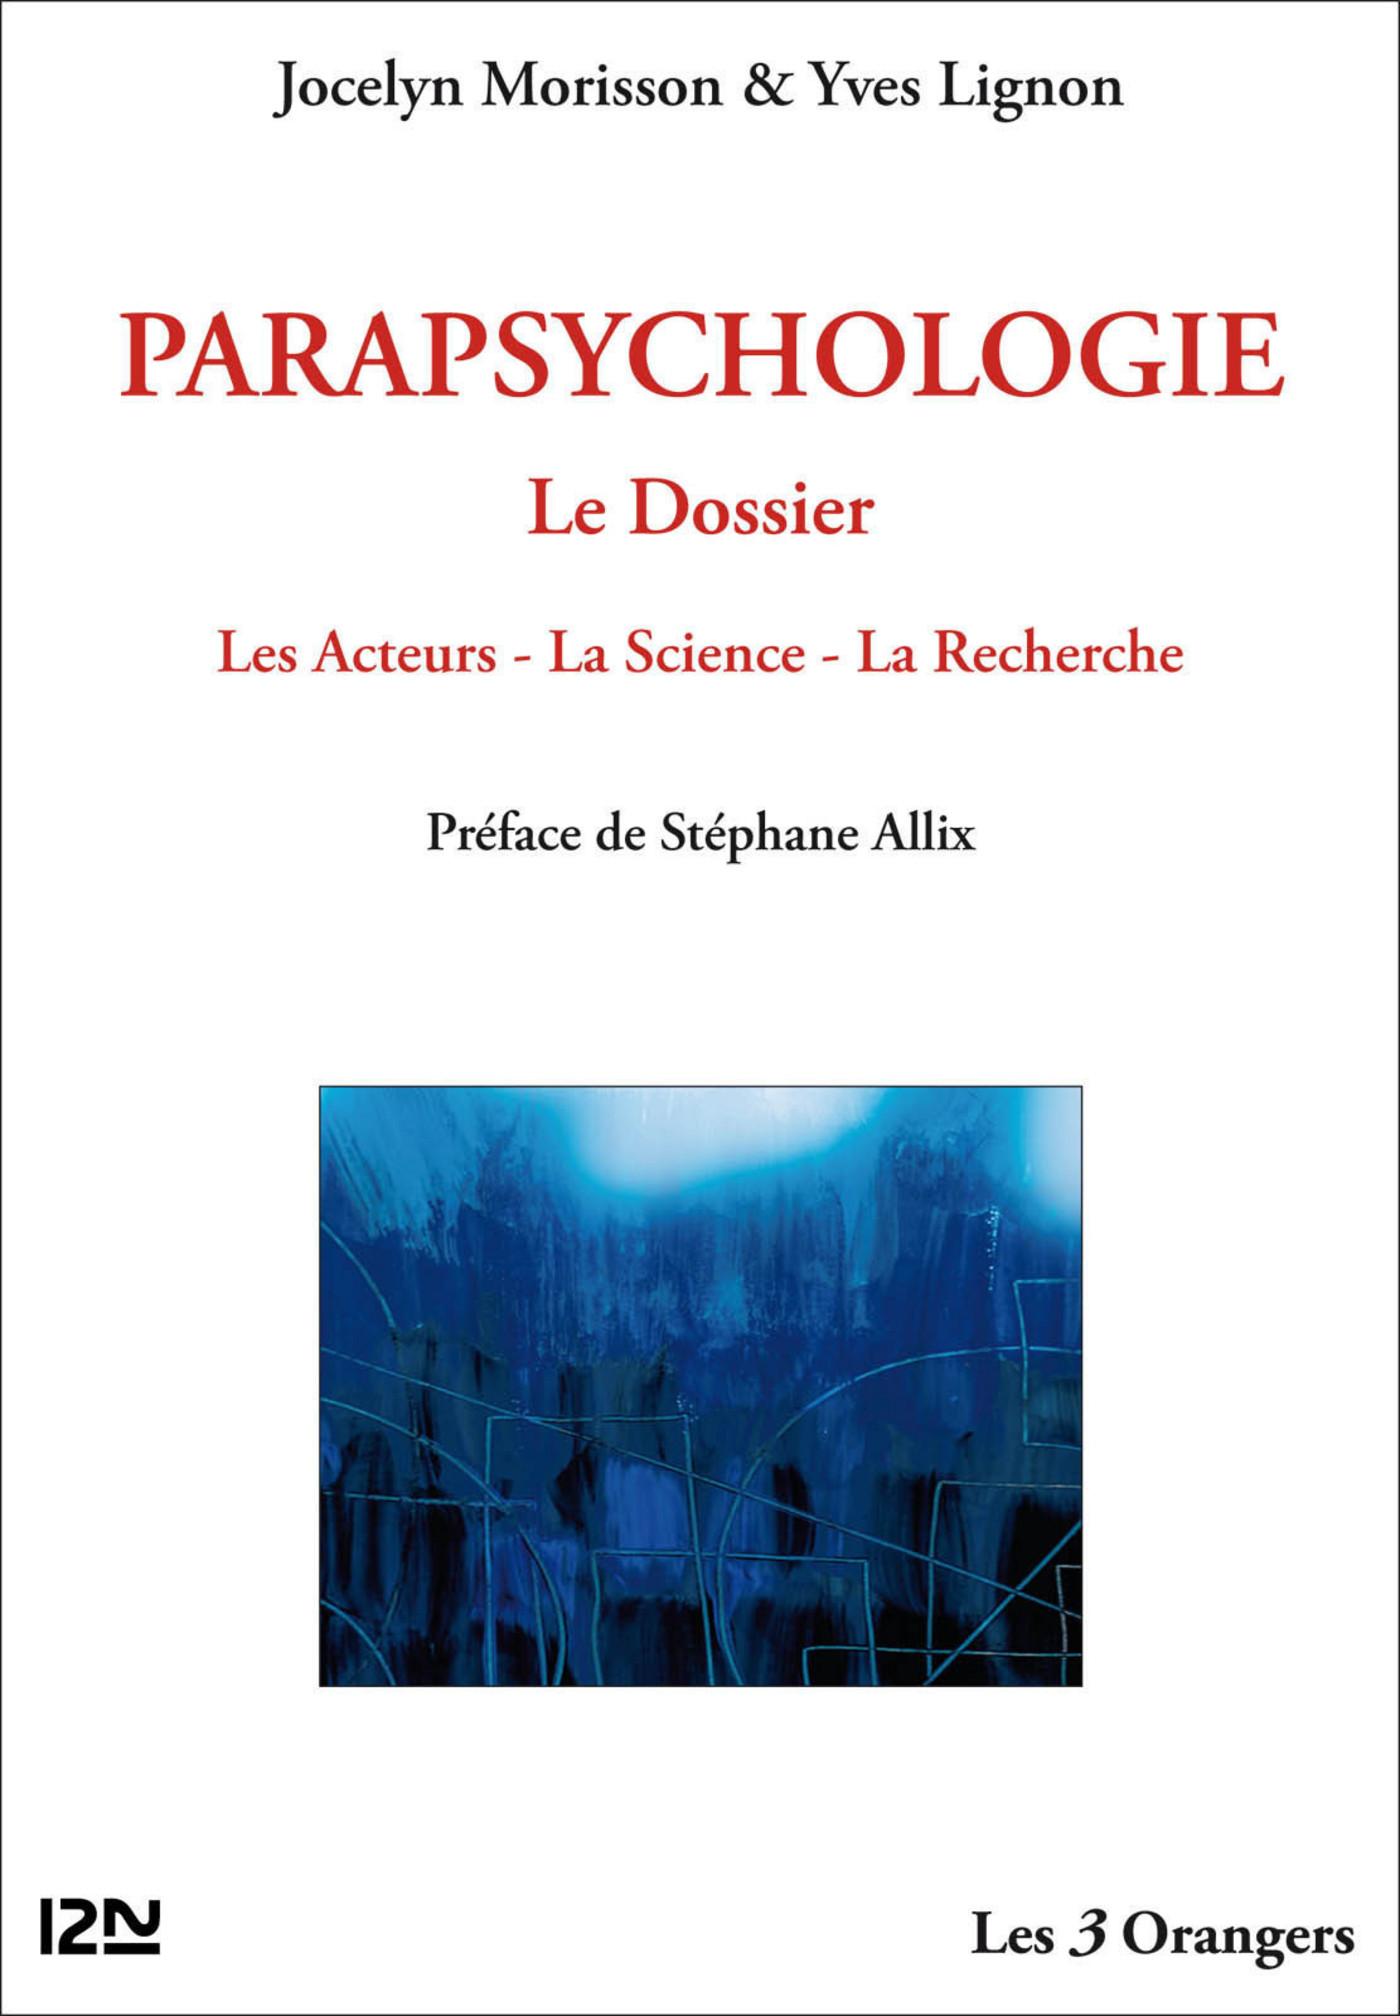 Parapsychologie : le Dossier (ebook)